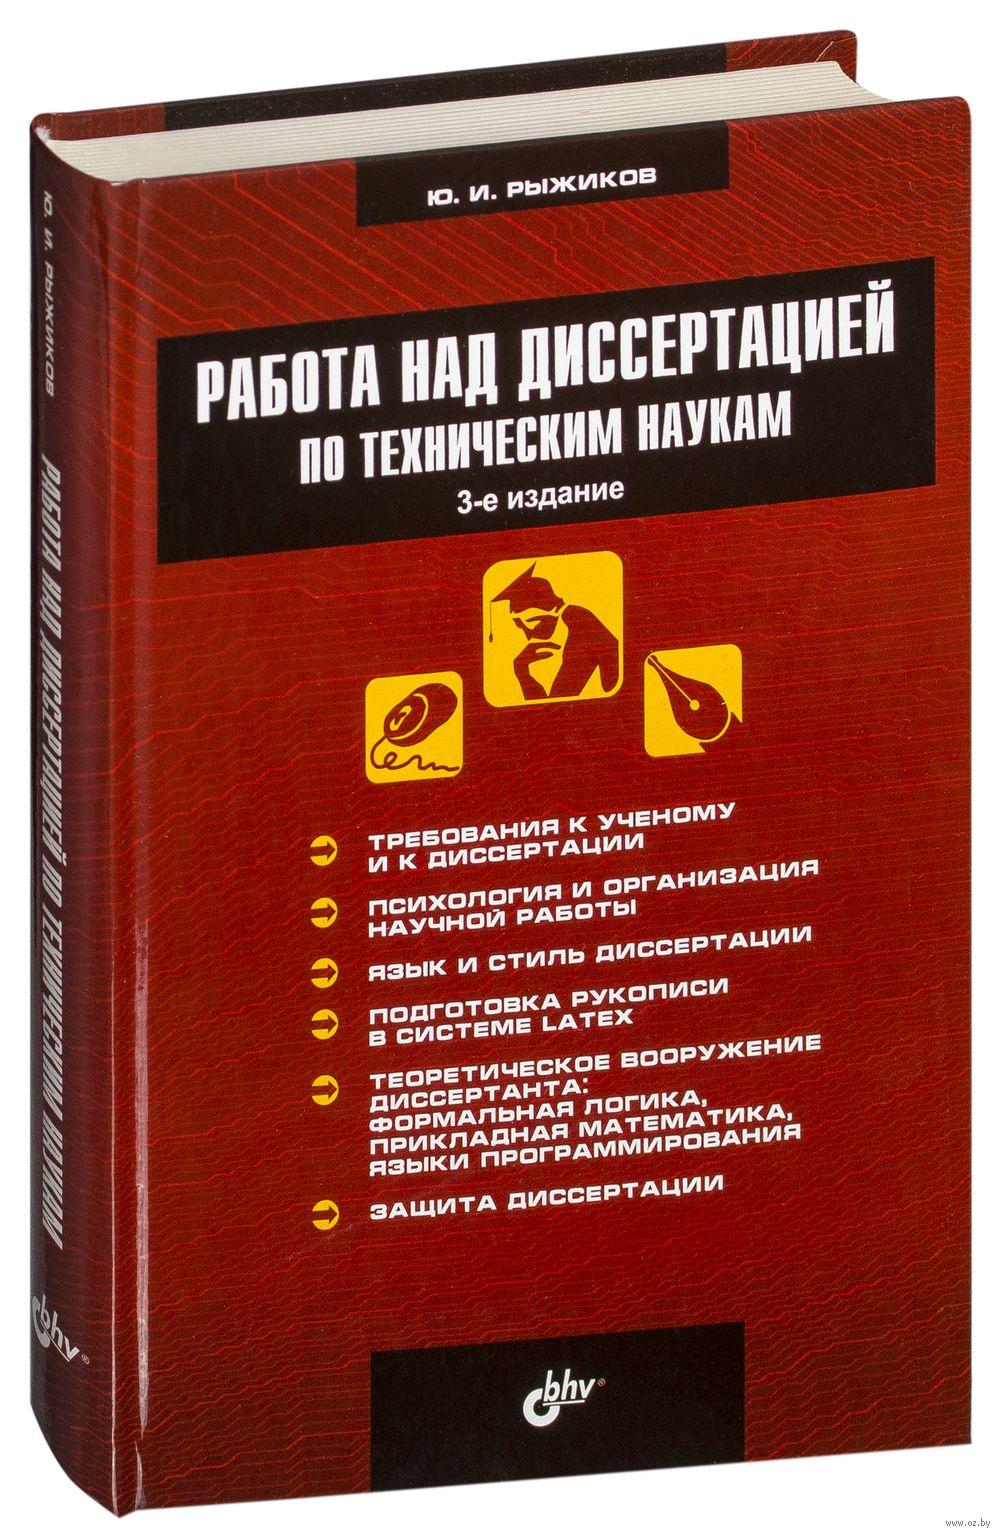 Работа над диссертацией по техническим наукам Ю Рыжиков купить  Работа над диссертацией по техническим наукам фото картинка